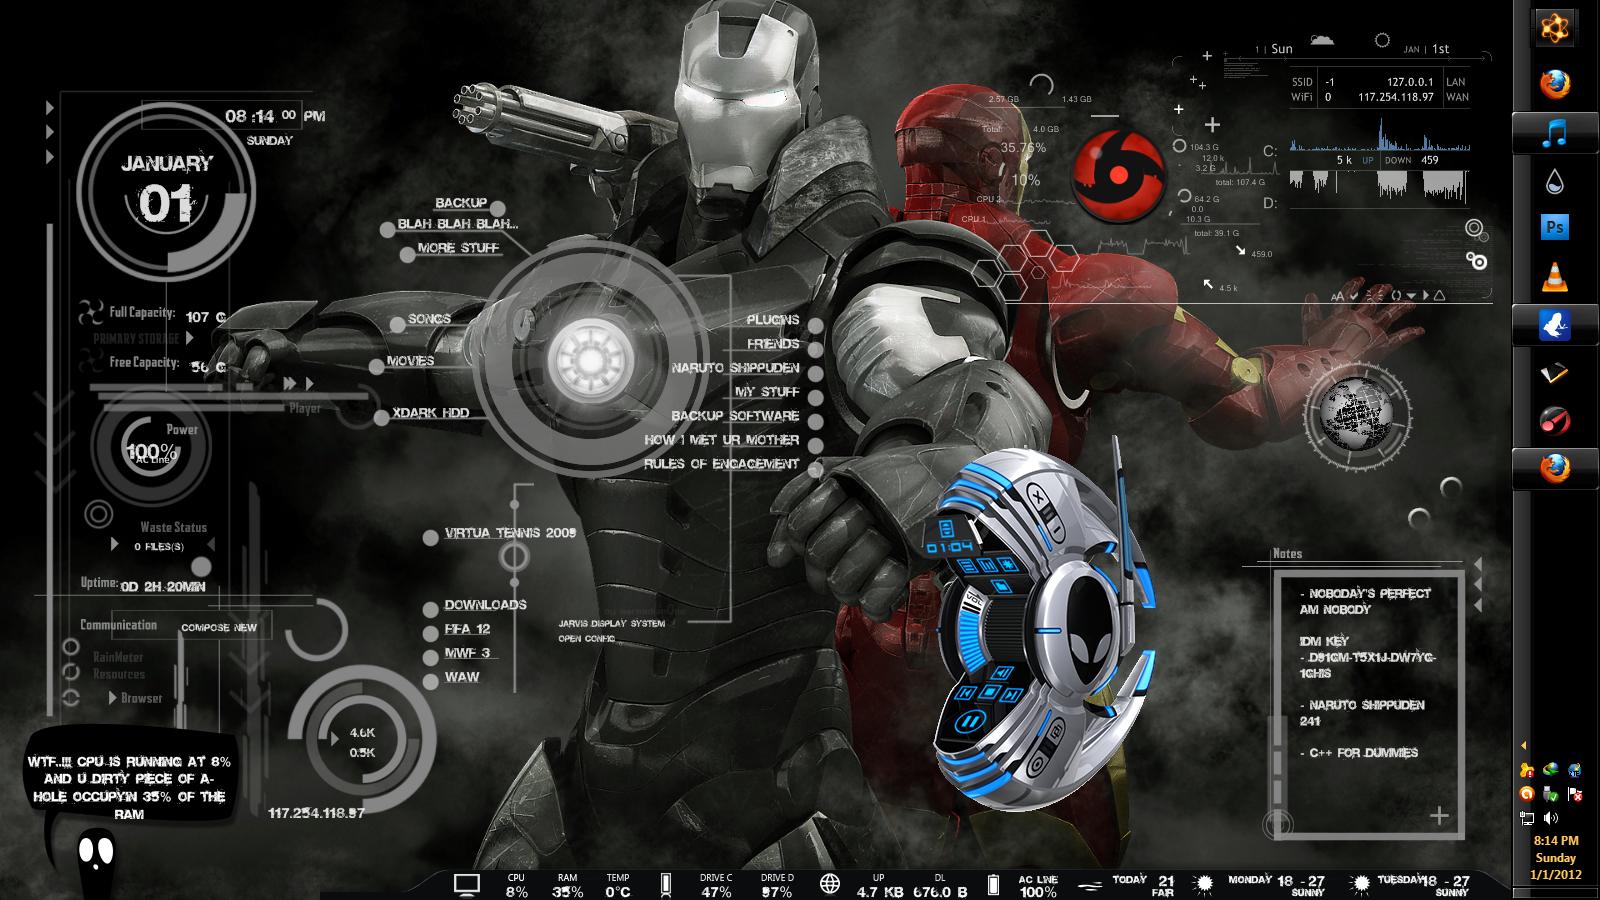 谁有这张钢铁侠的原图?排除掉那些什么图标.只要背景图片